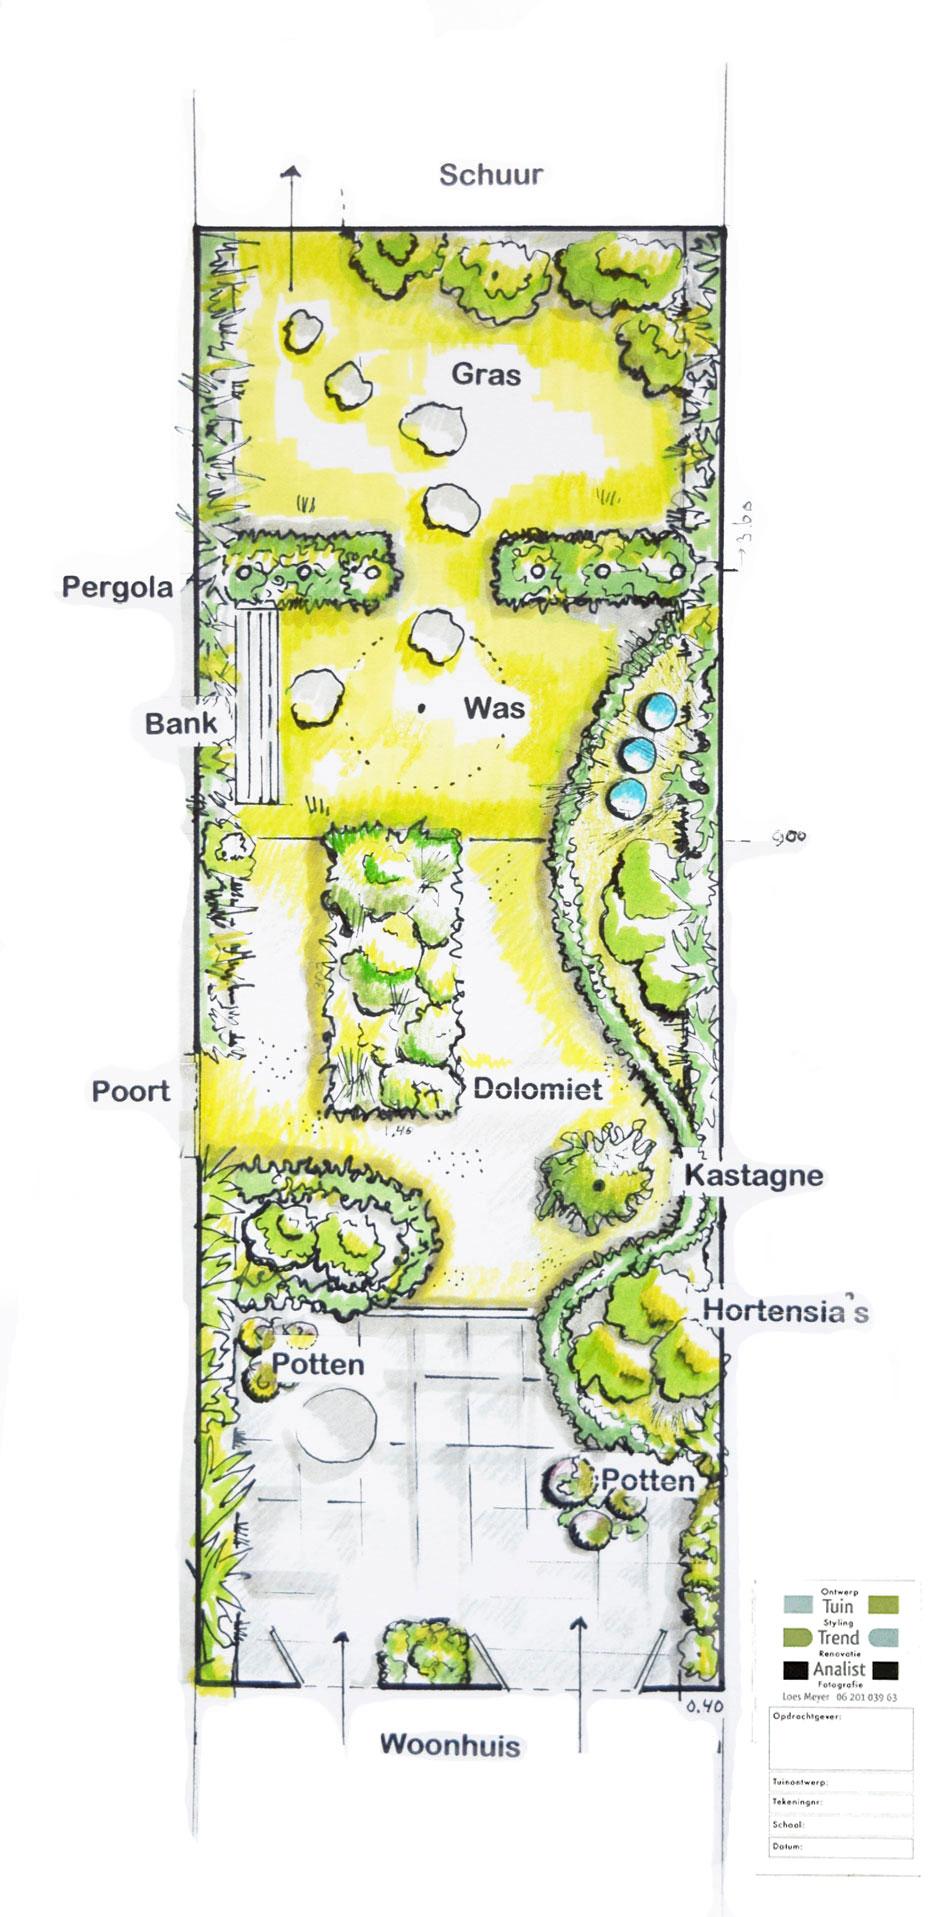 Loes meijer tuin trend analist for Tuinontwerp natuurlijke tuin